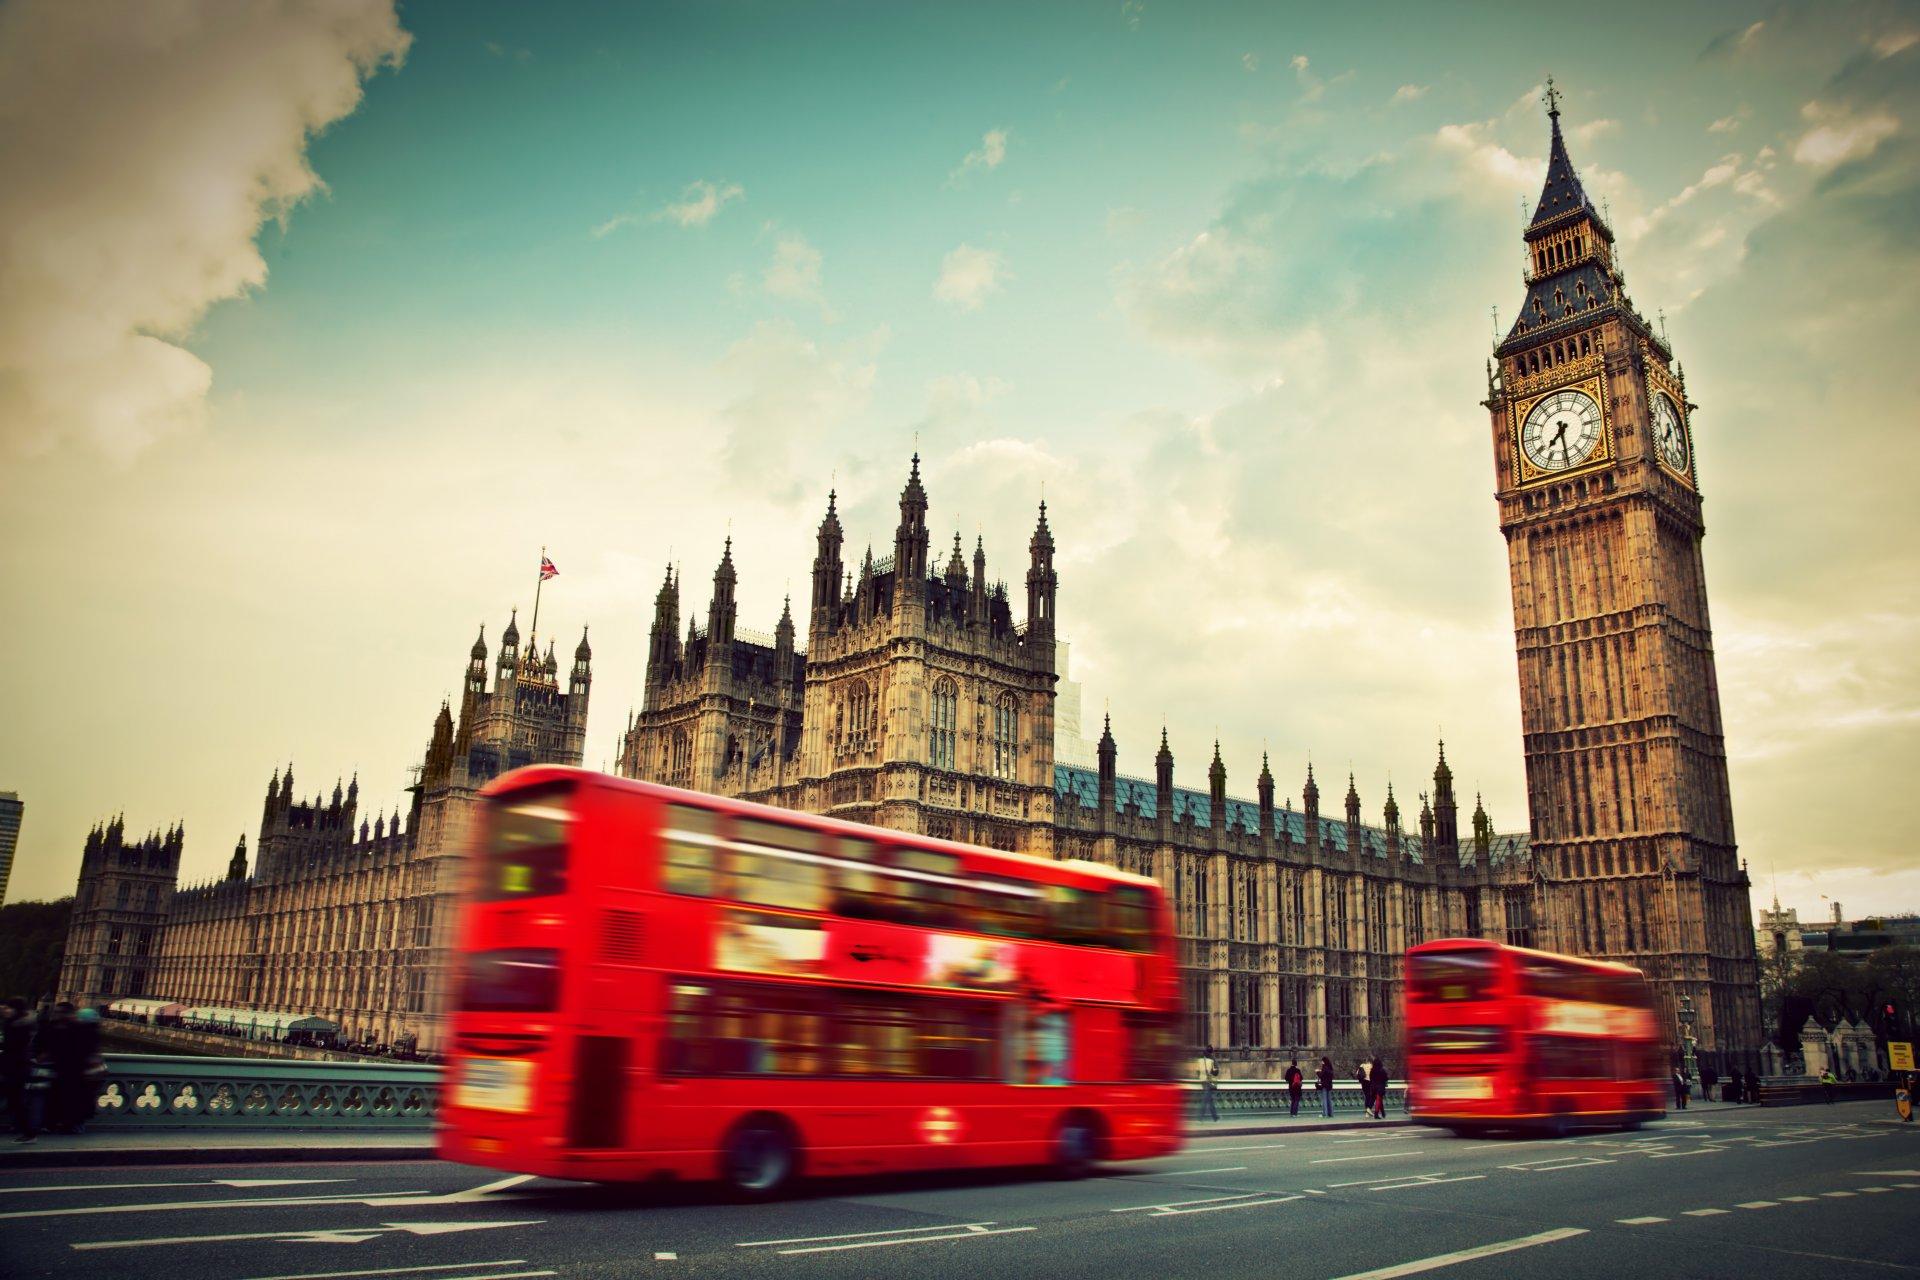 популярности картинки на тематику лондон для фотографа